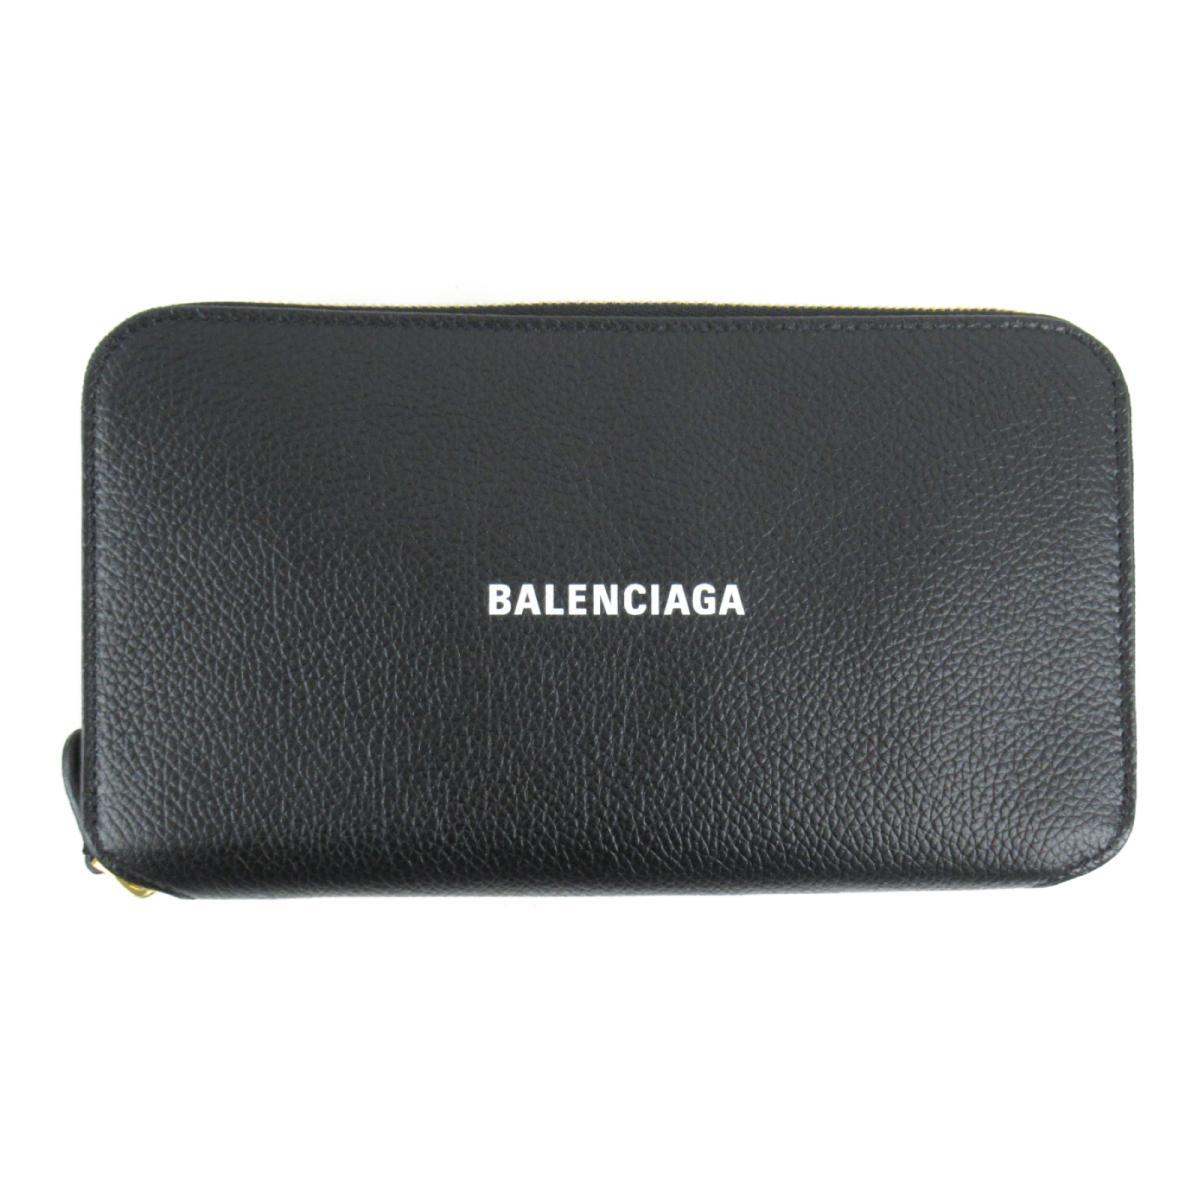 バレンシアガ CASH CONTINENTAL WAL ラウンド長財布 メンズ レディース レザー ブラック x ホワイト (5942901IZIM1090) | BALENCIAGA BRANDOFF ブランドオフ ブランド ブランド財布 財布 レディース財布 サイフ